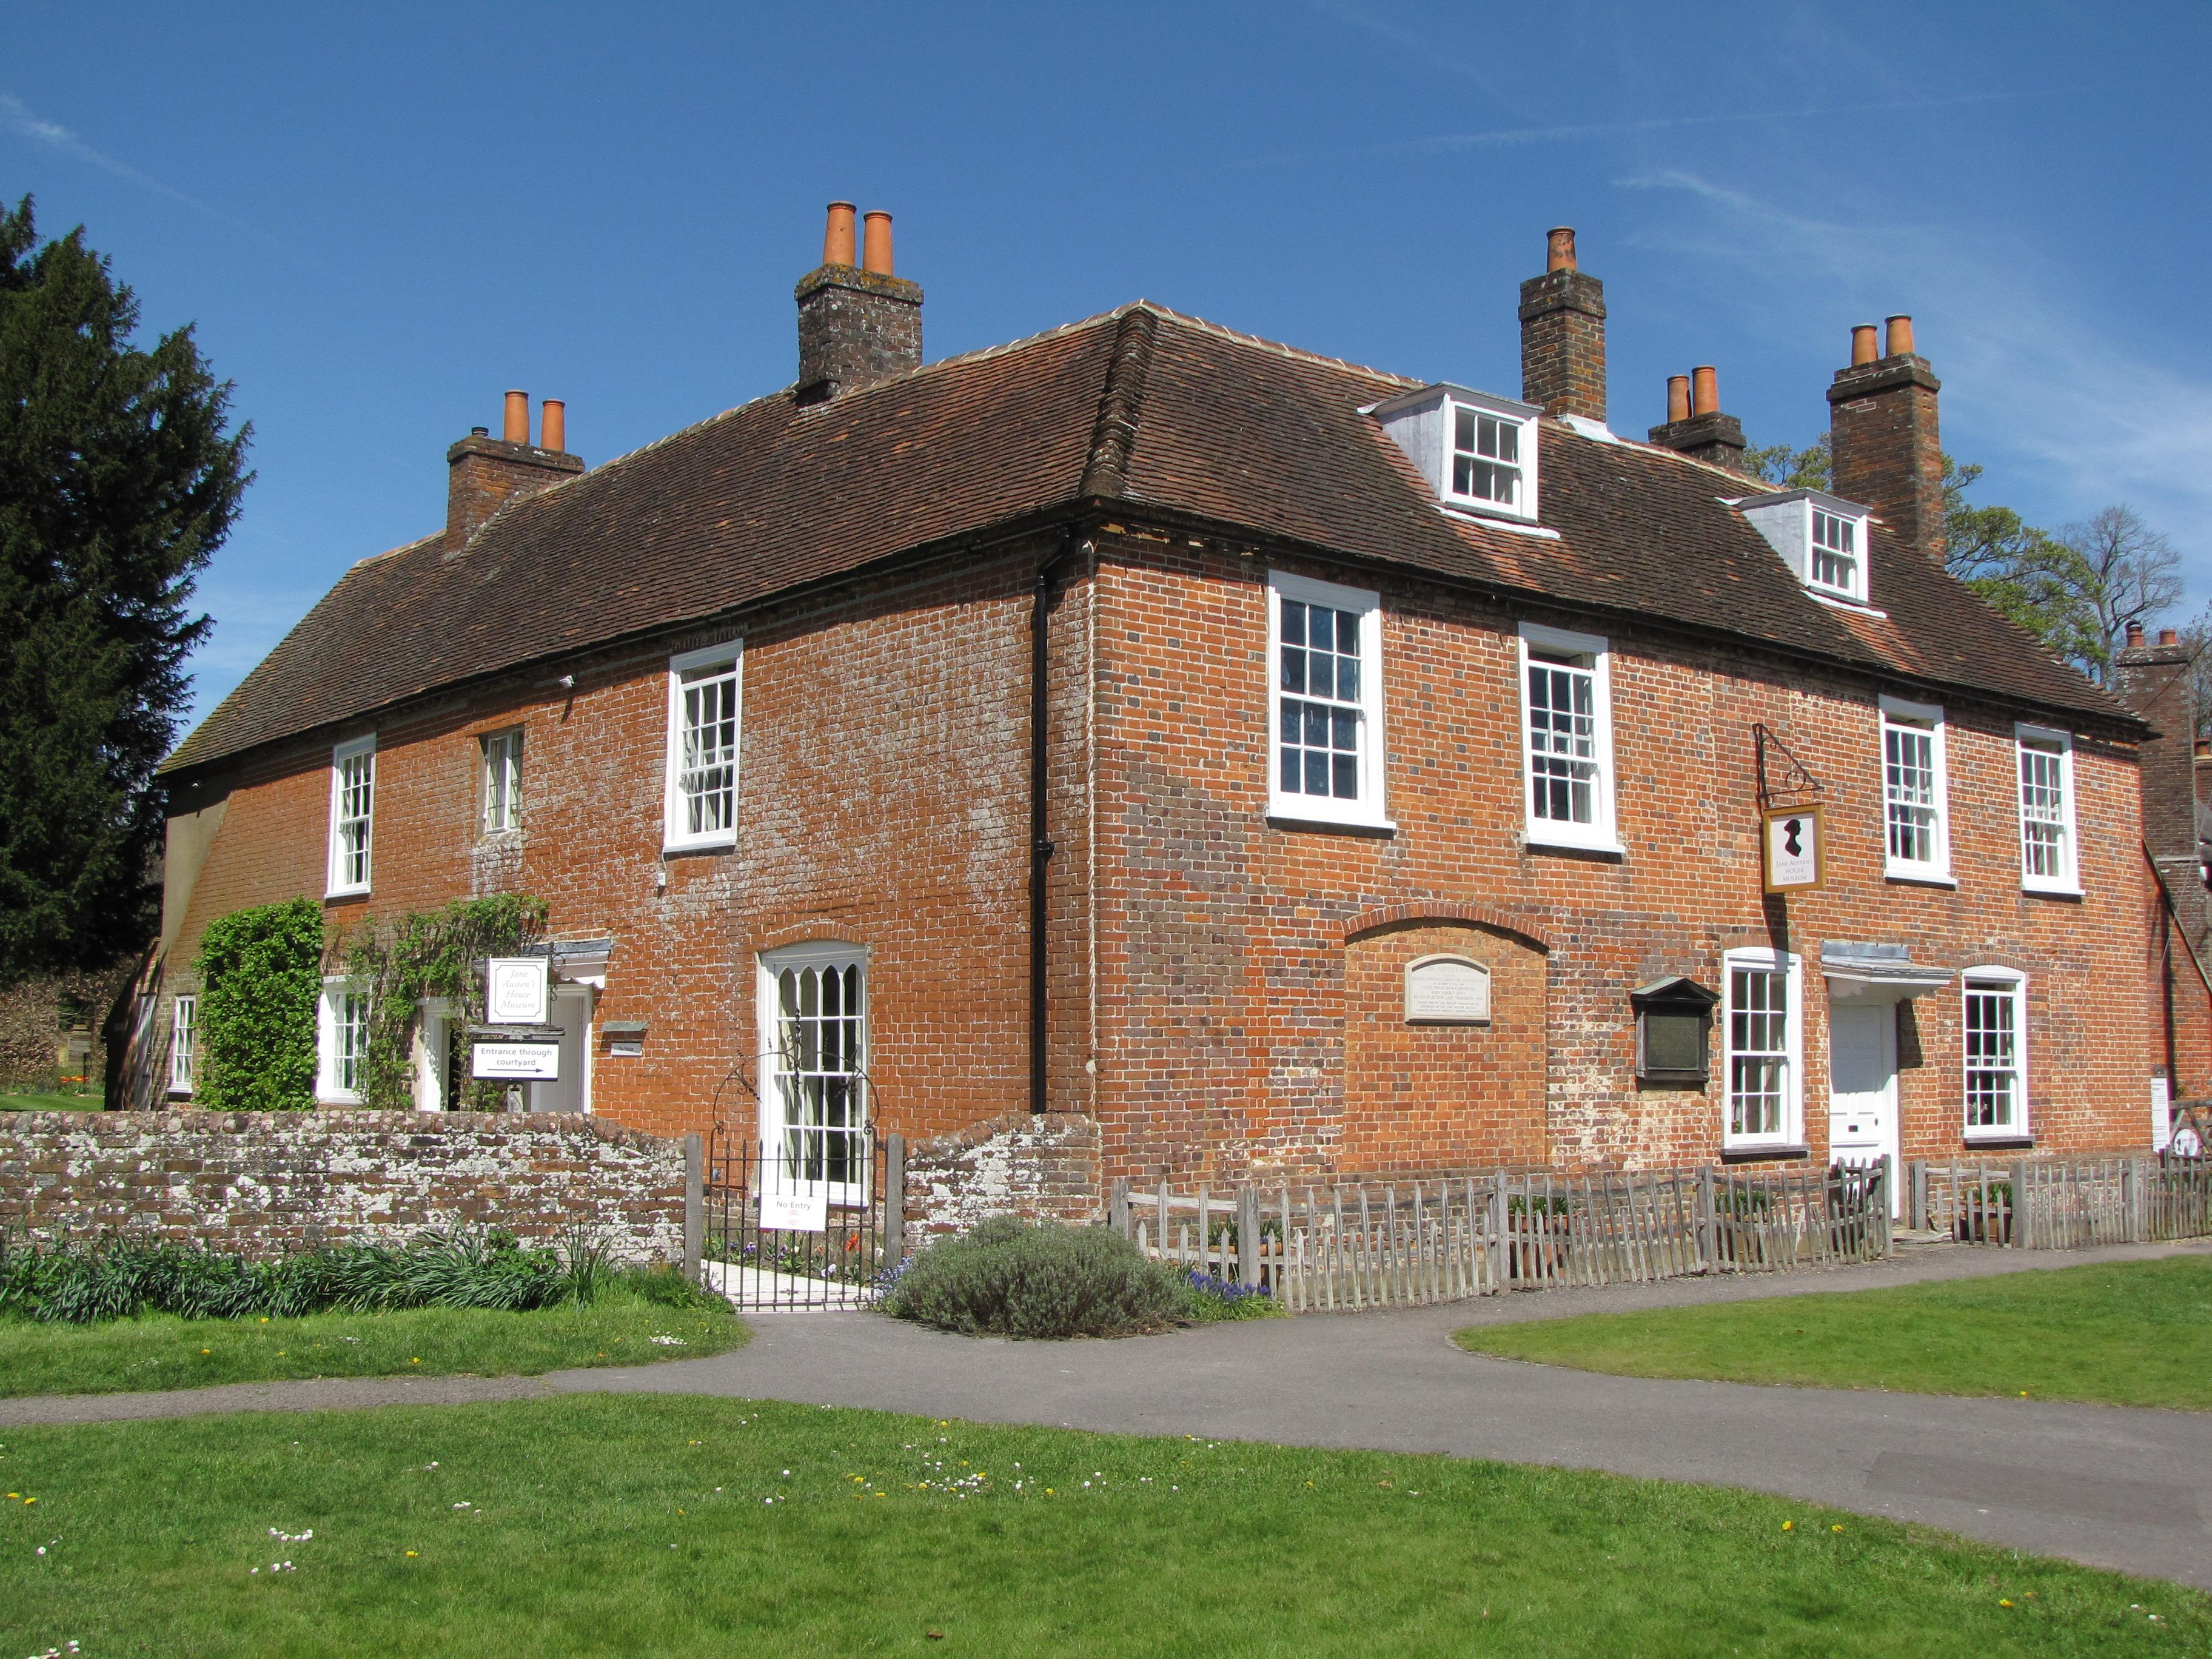 خانه موزه جین آستن در روستای استیونتون